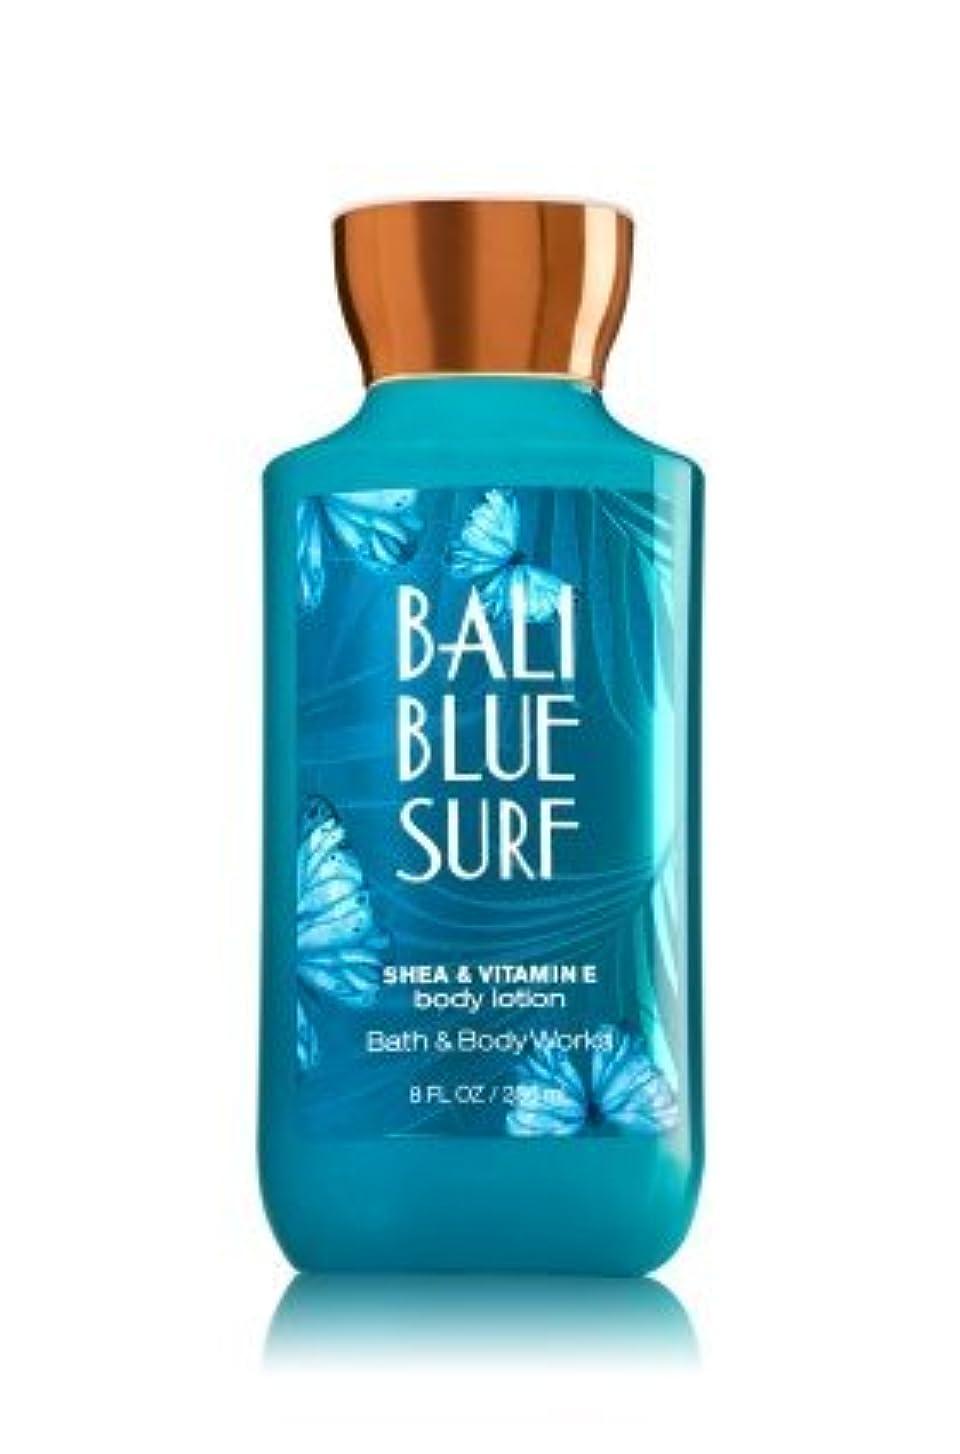 精査する無謀過度の【Bath&Body Works/バス&ボディワークス】 ボディローション バリブルーサーフ Body Lotion Bali Blue Surf 8 fl oz / 236 mL [並行輸入品]